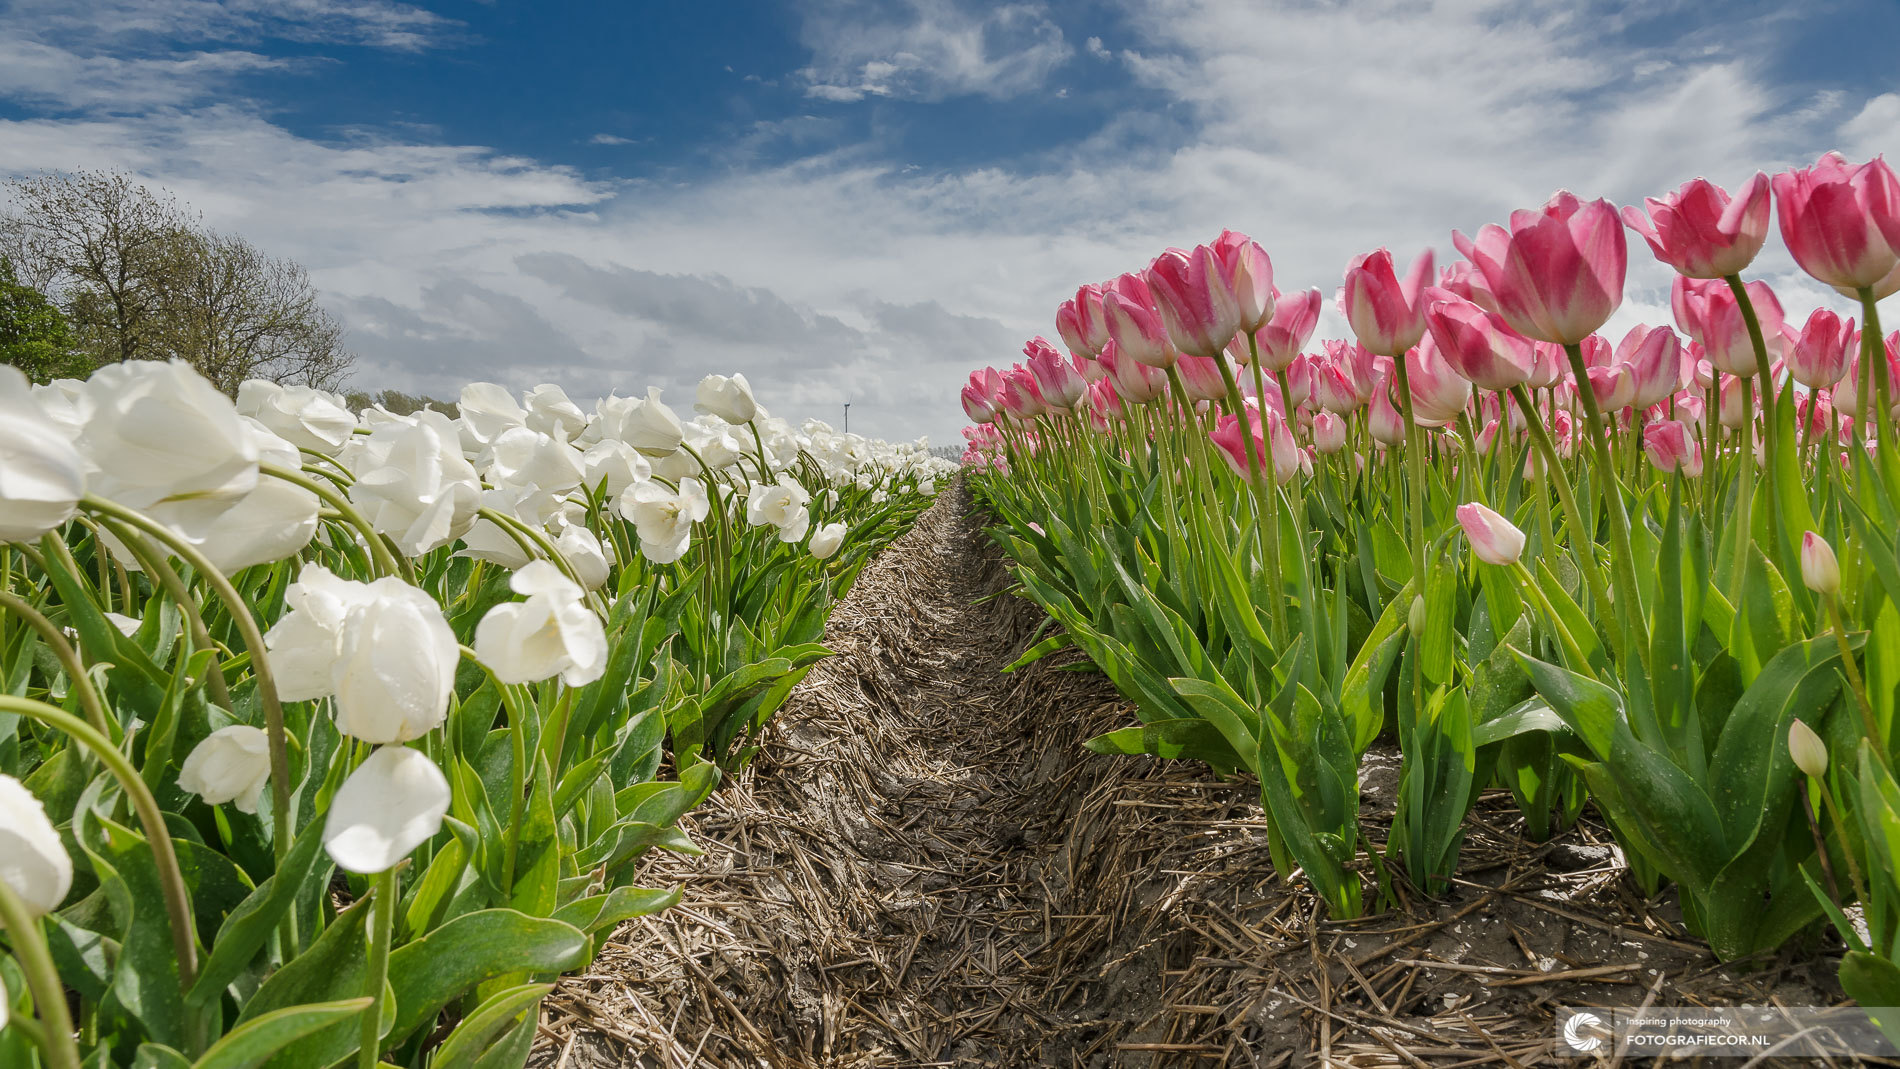 tulpen agrarisch polder landschap | Landschapsfotograaf